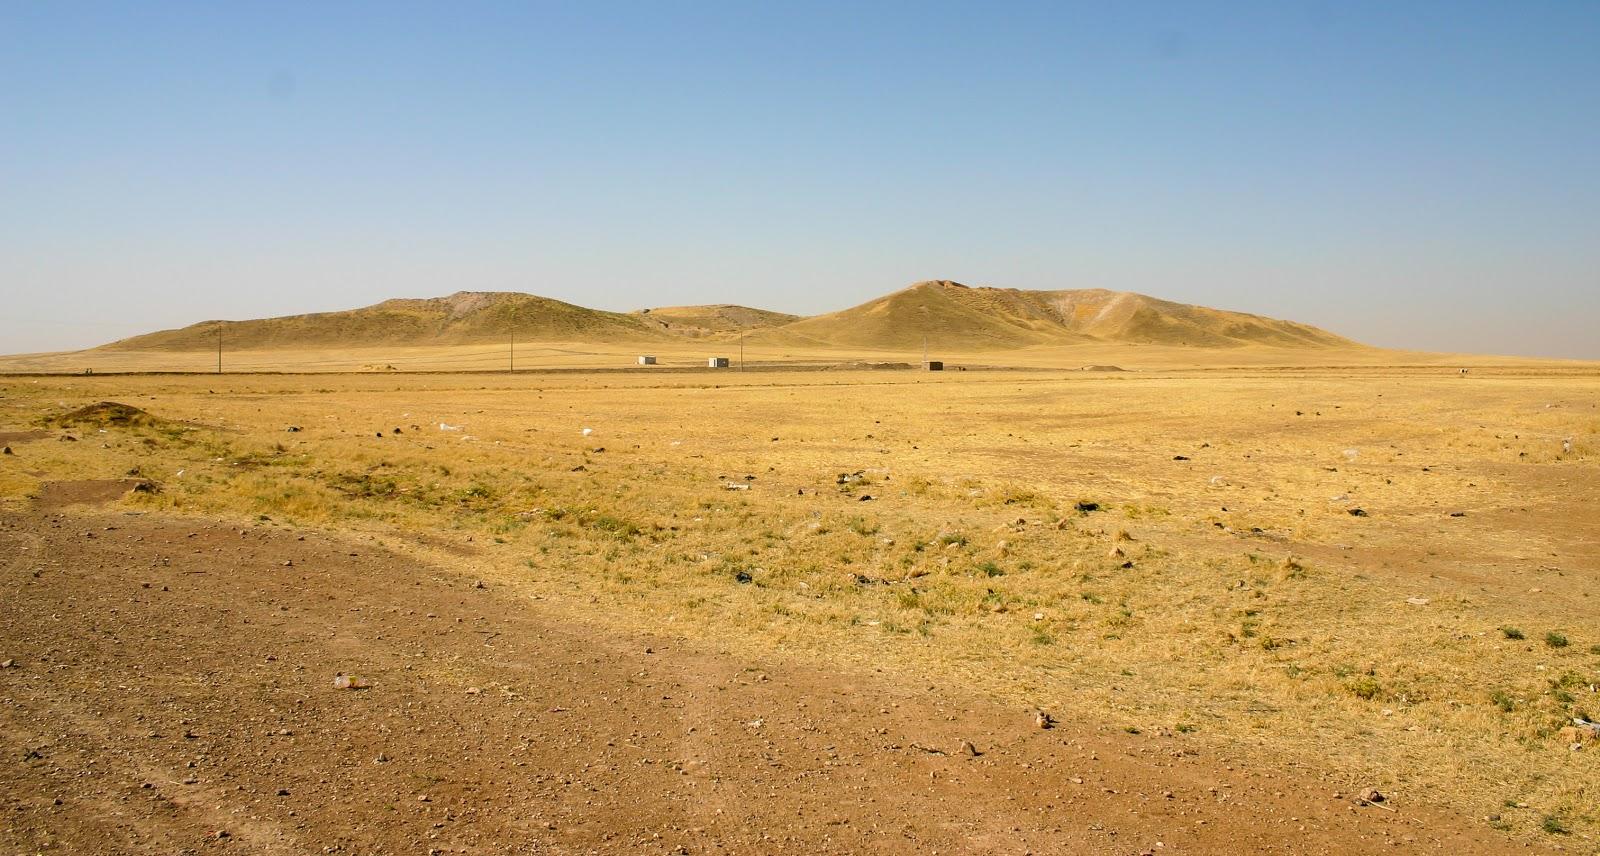 テル・ブラク遺跡の殆ど砂漠しでしかないような遠景